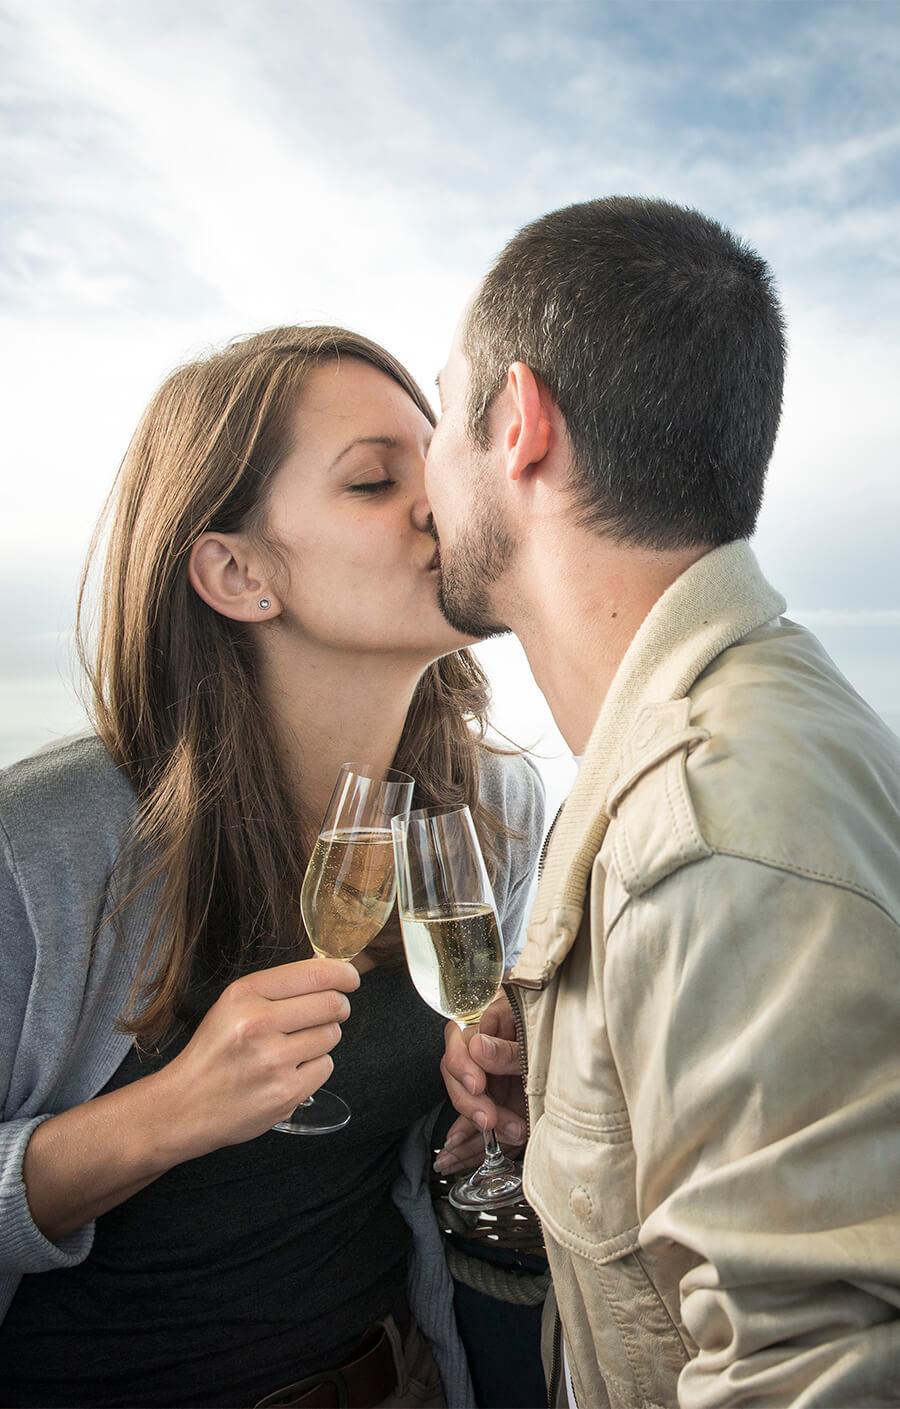 Ballonfahrt, Romantik